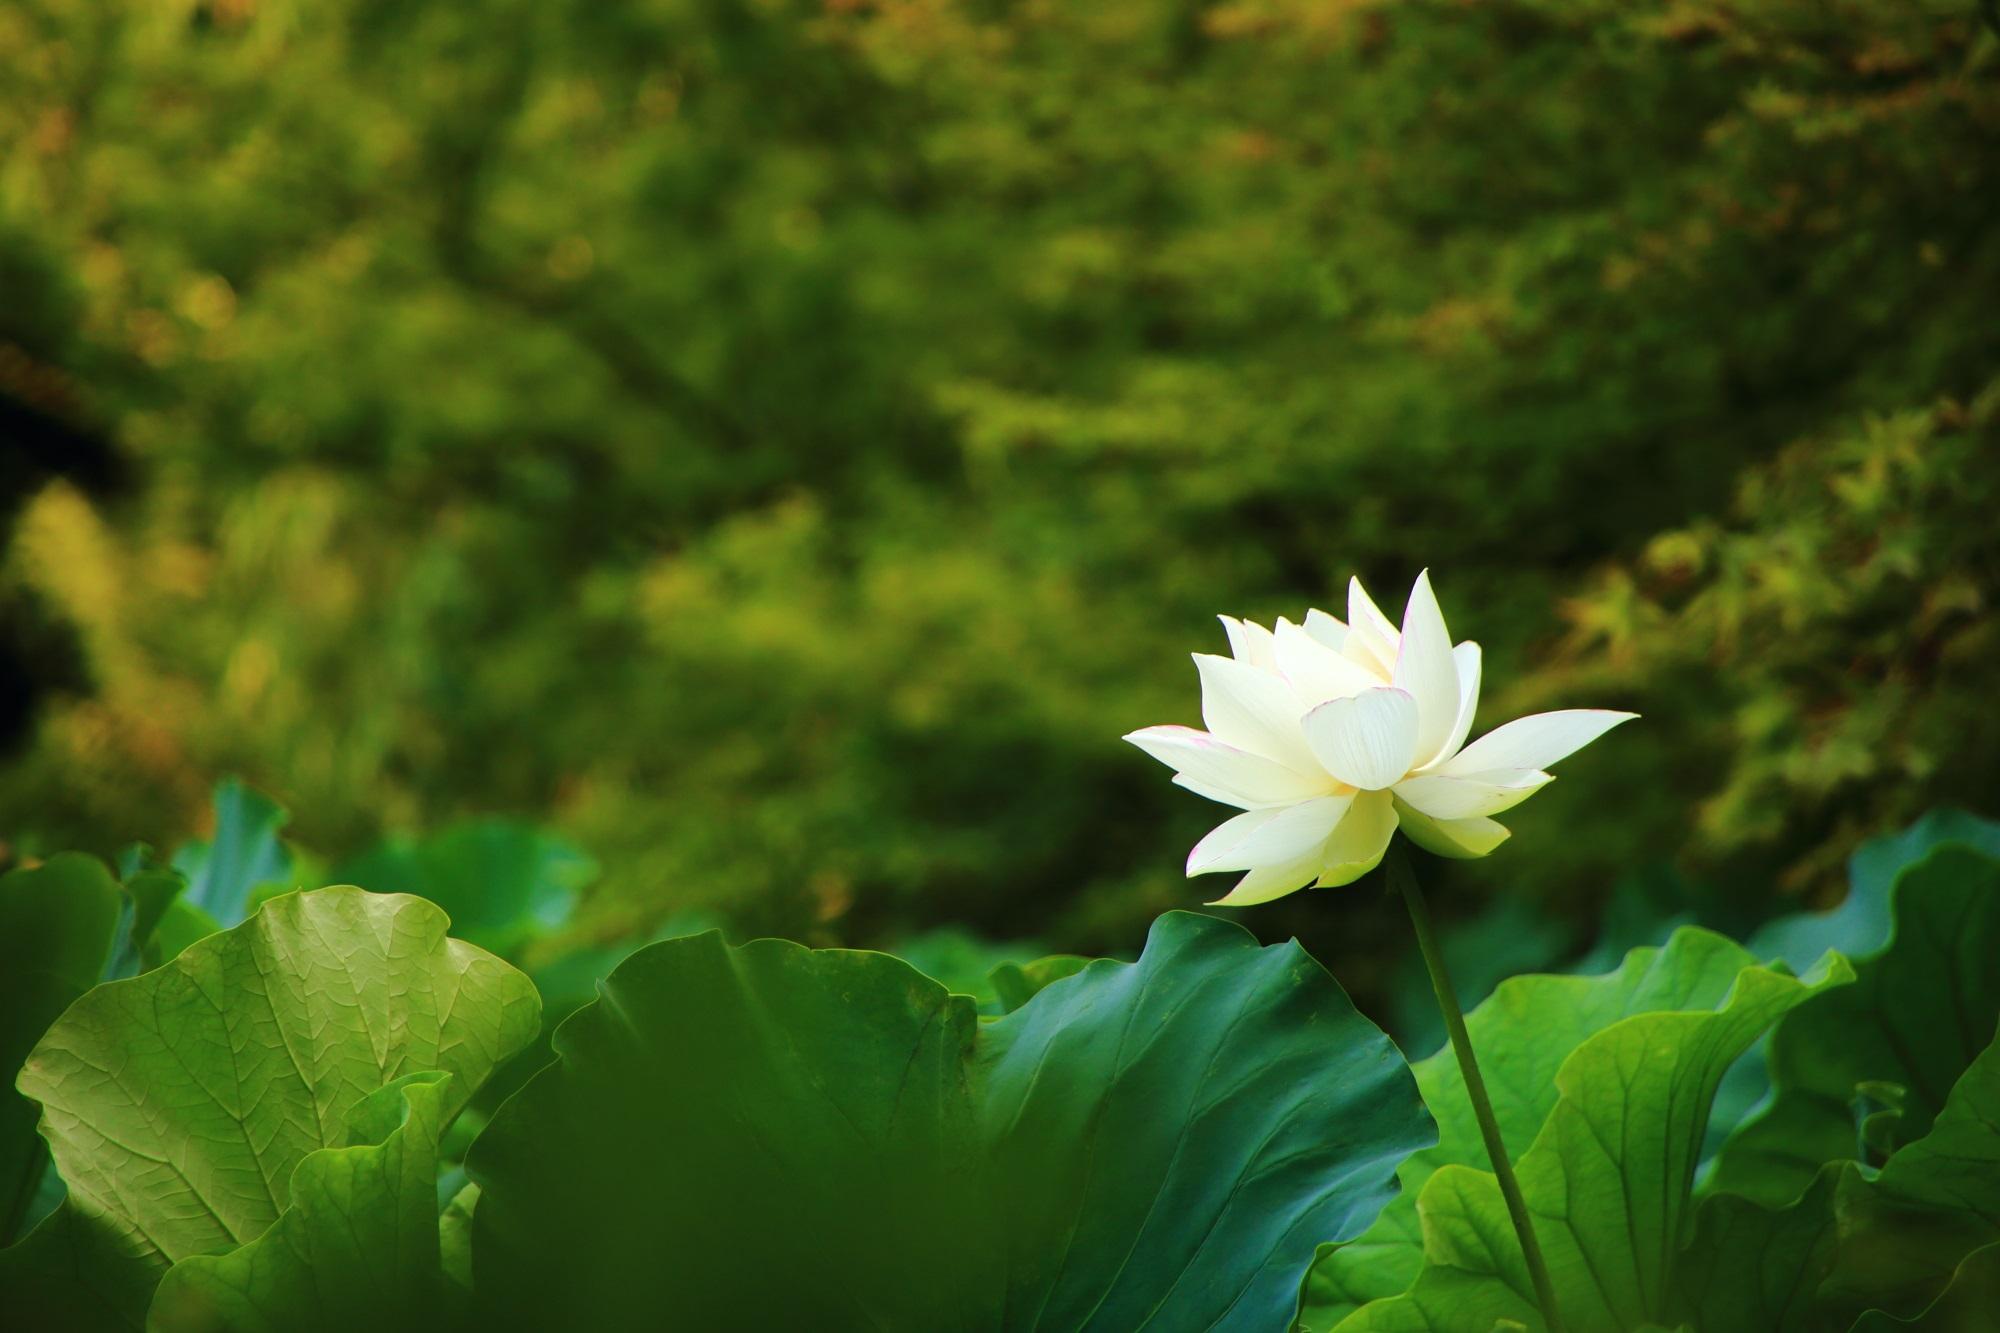 法金剛院の深い緑の上で優雅に咲き誇るほんのり光る蓮の花